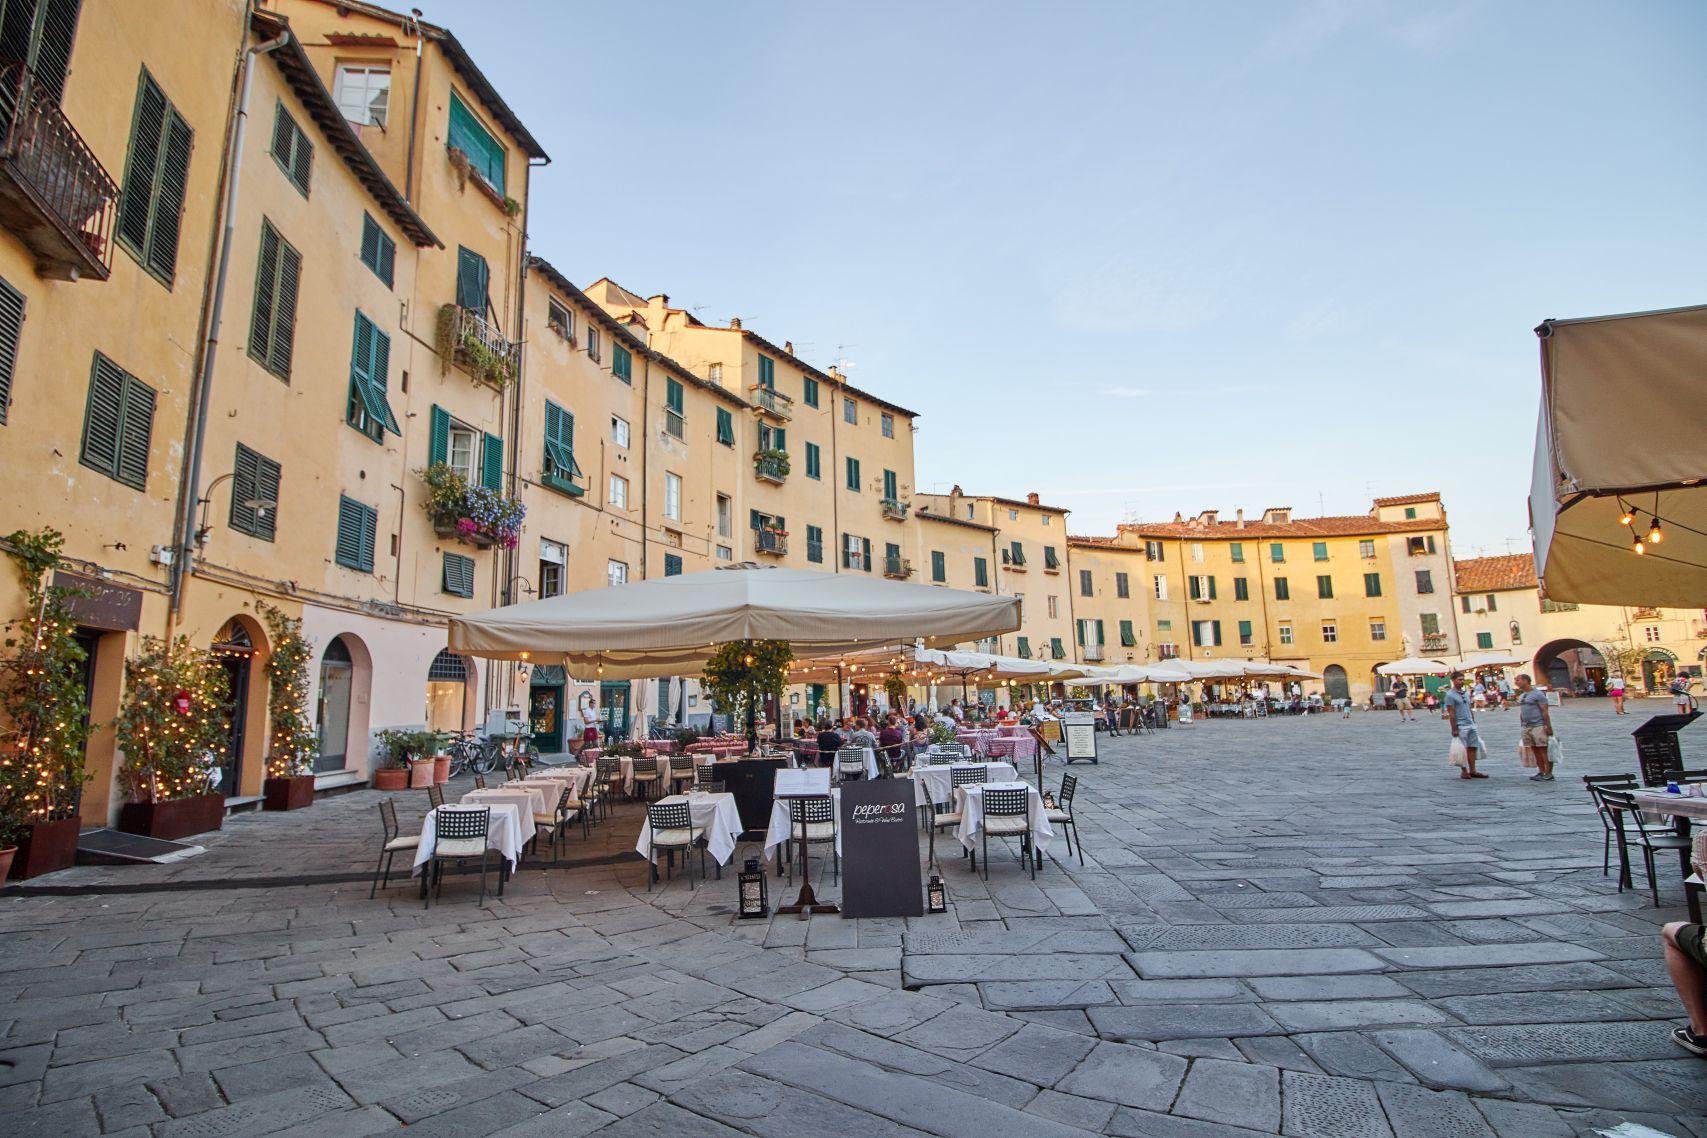 Piazza Anfiteatro Altstadt von Lucca beim Toskana Roadtrip